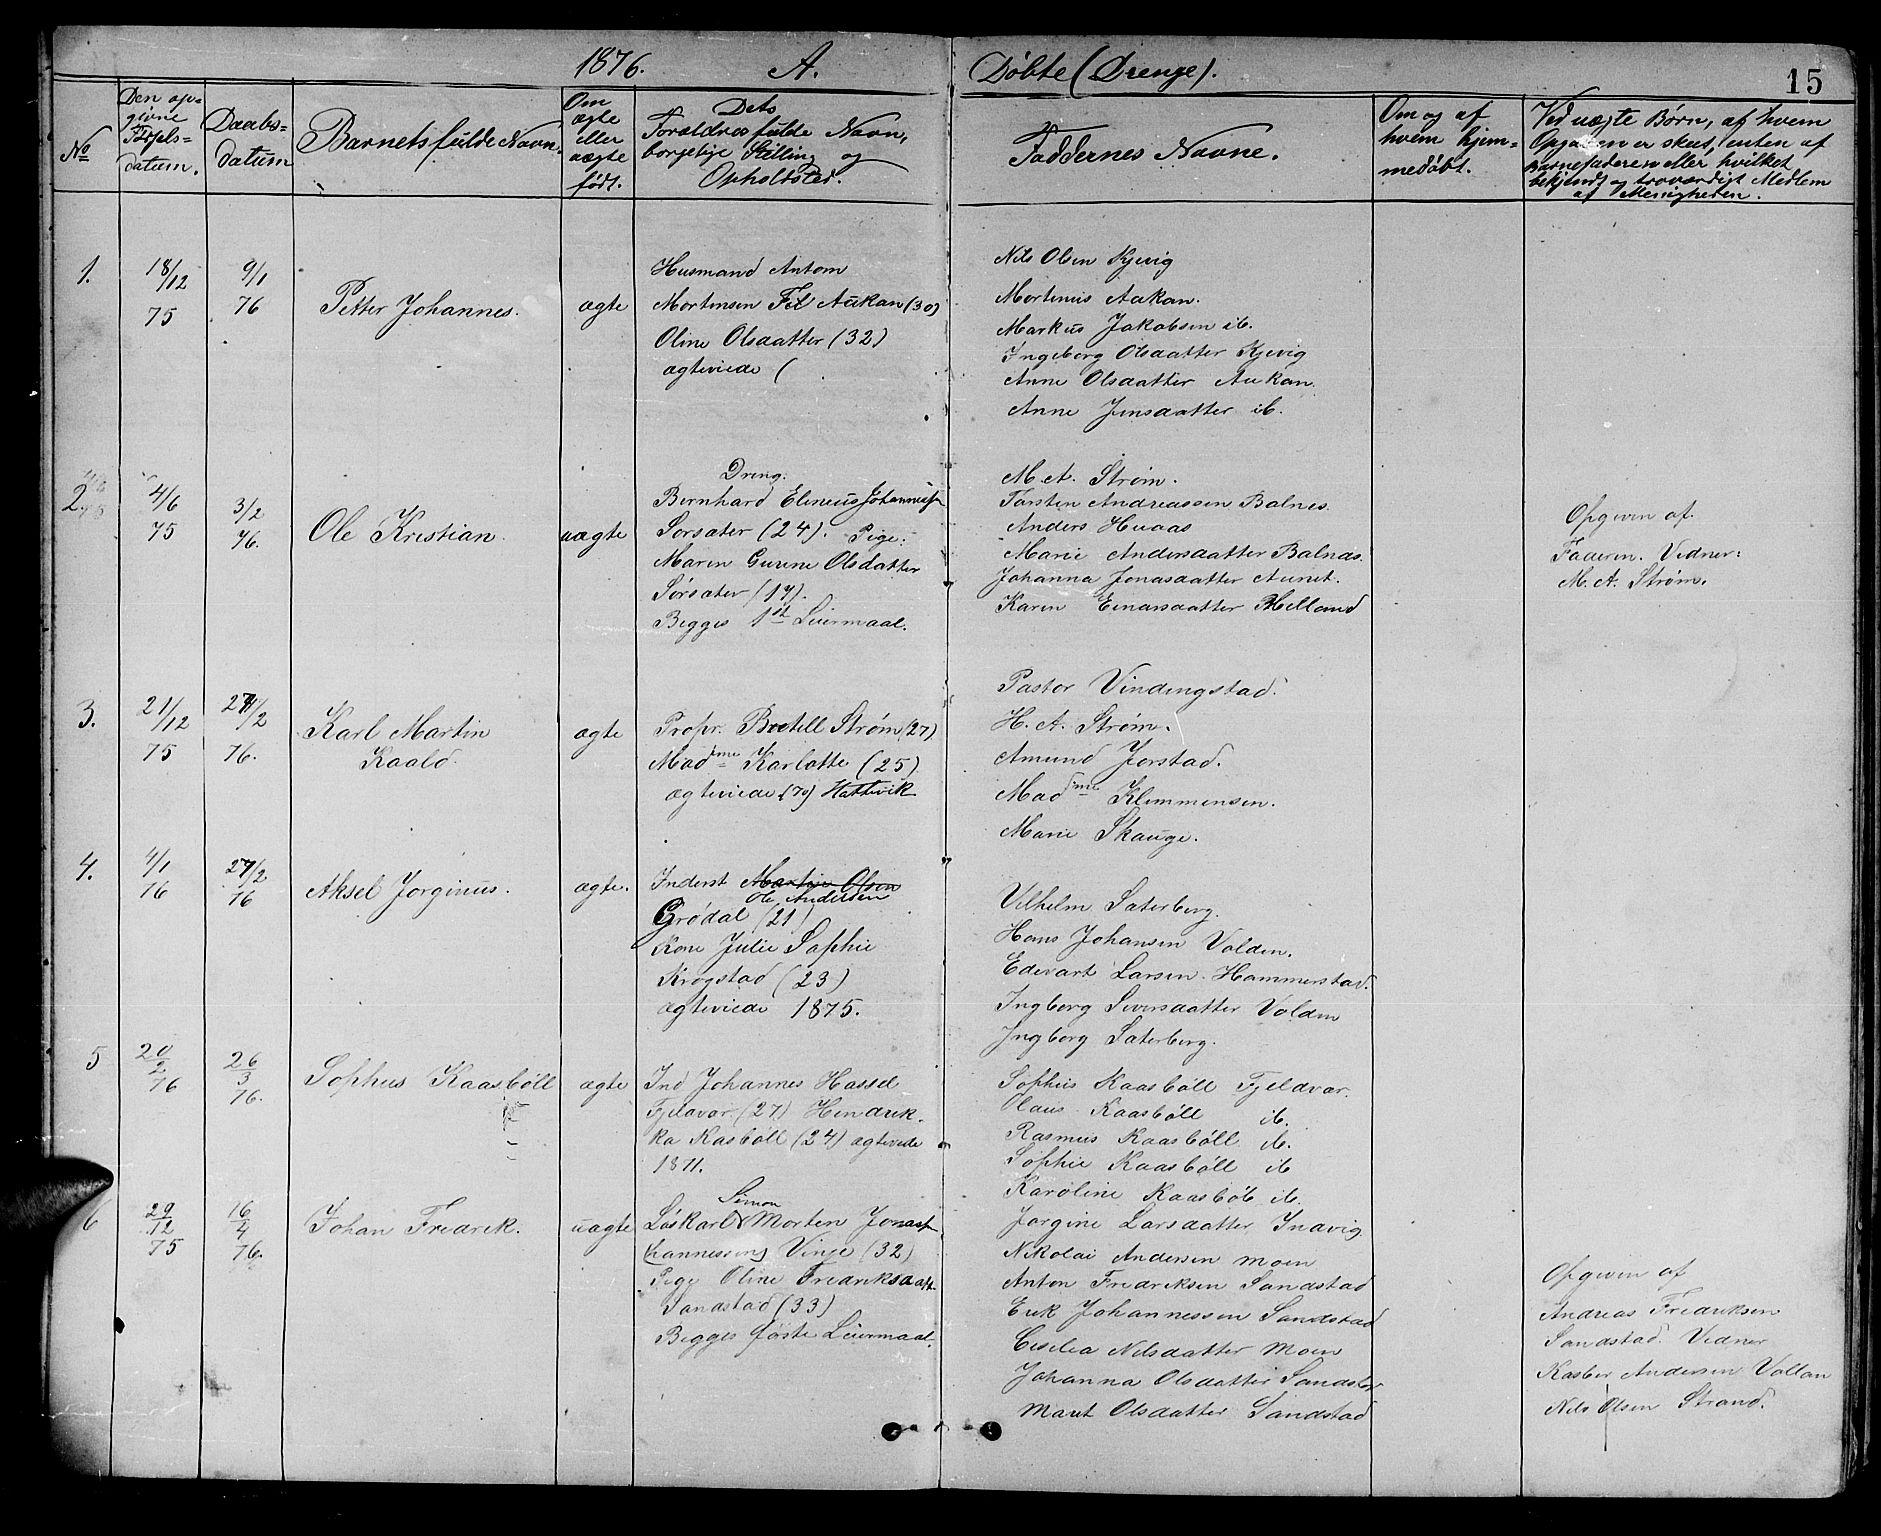 SAT, Ministerialprotokoller, klokkerbøker og fødselsregistre - Sør-Trøndelag, 637/L0561: Klokkerbok nr. 637C02, 1873-1882, s. 15